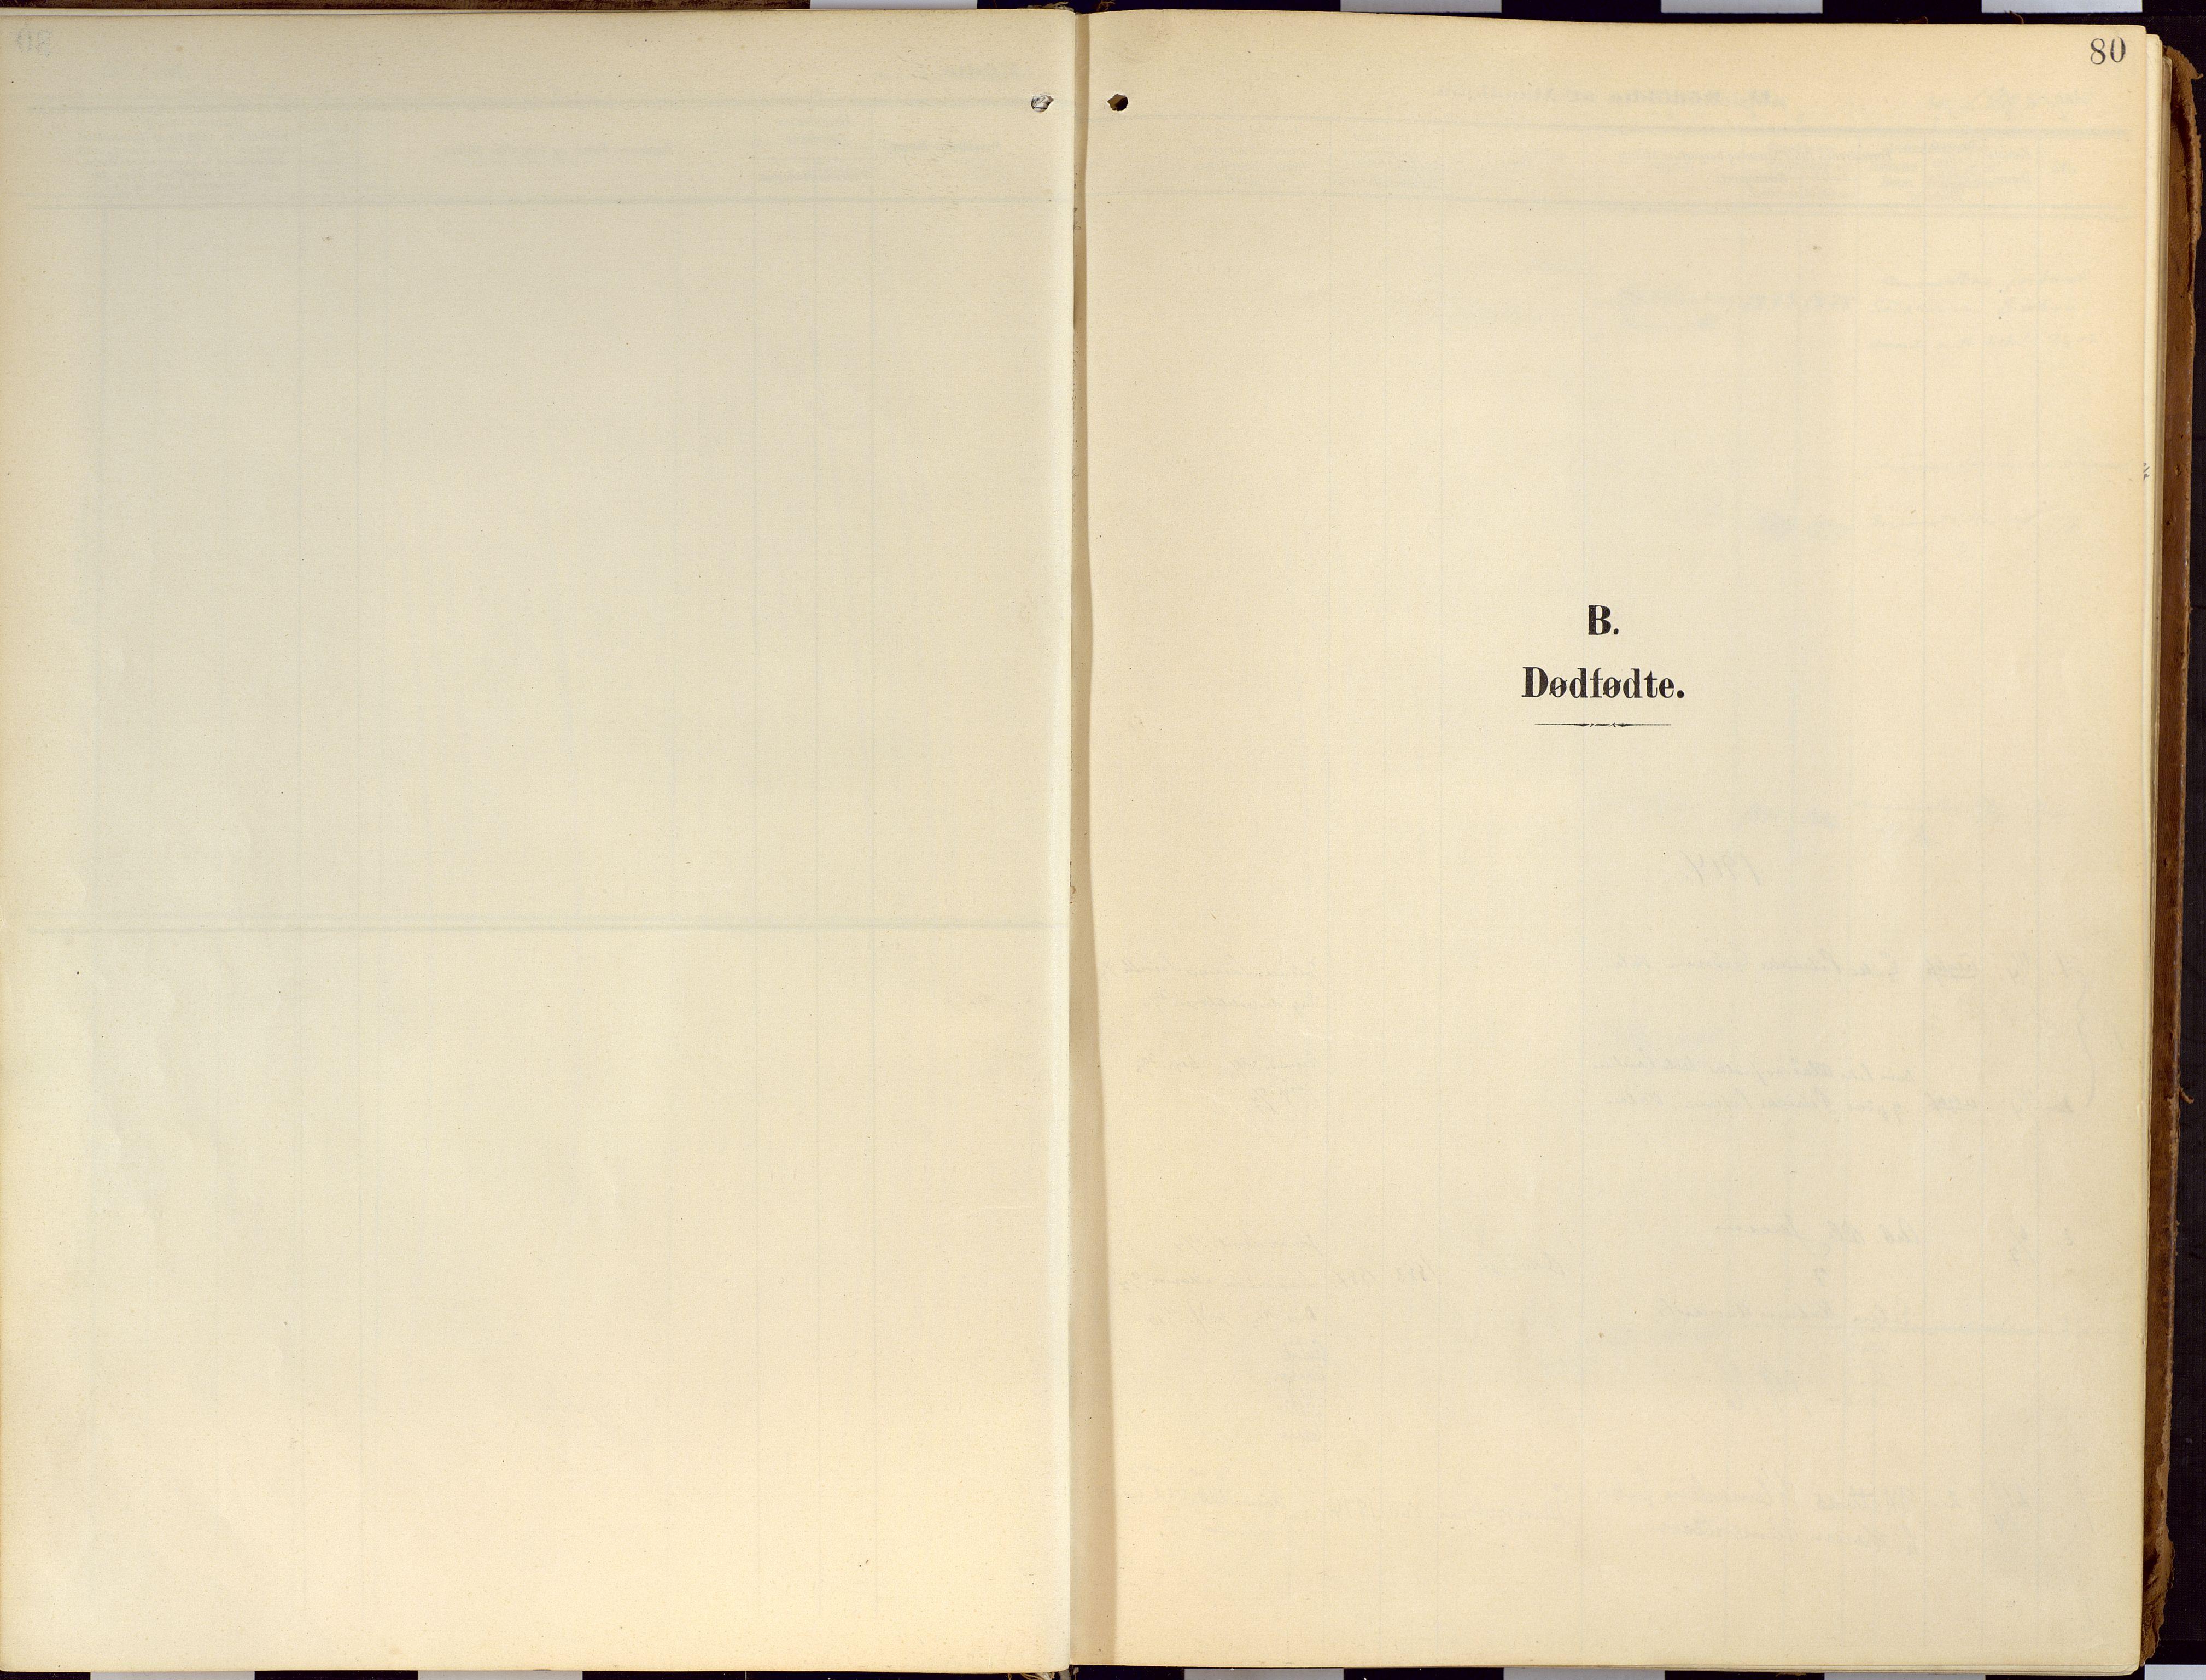 SATØ, Loppa sokneprestkontor, H/Ha/L0010kirke: Ministerialbok nr. 10, 1907-1922, s. 80